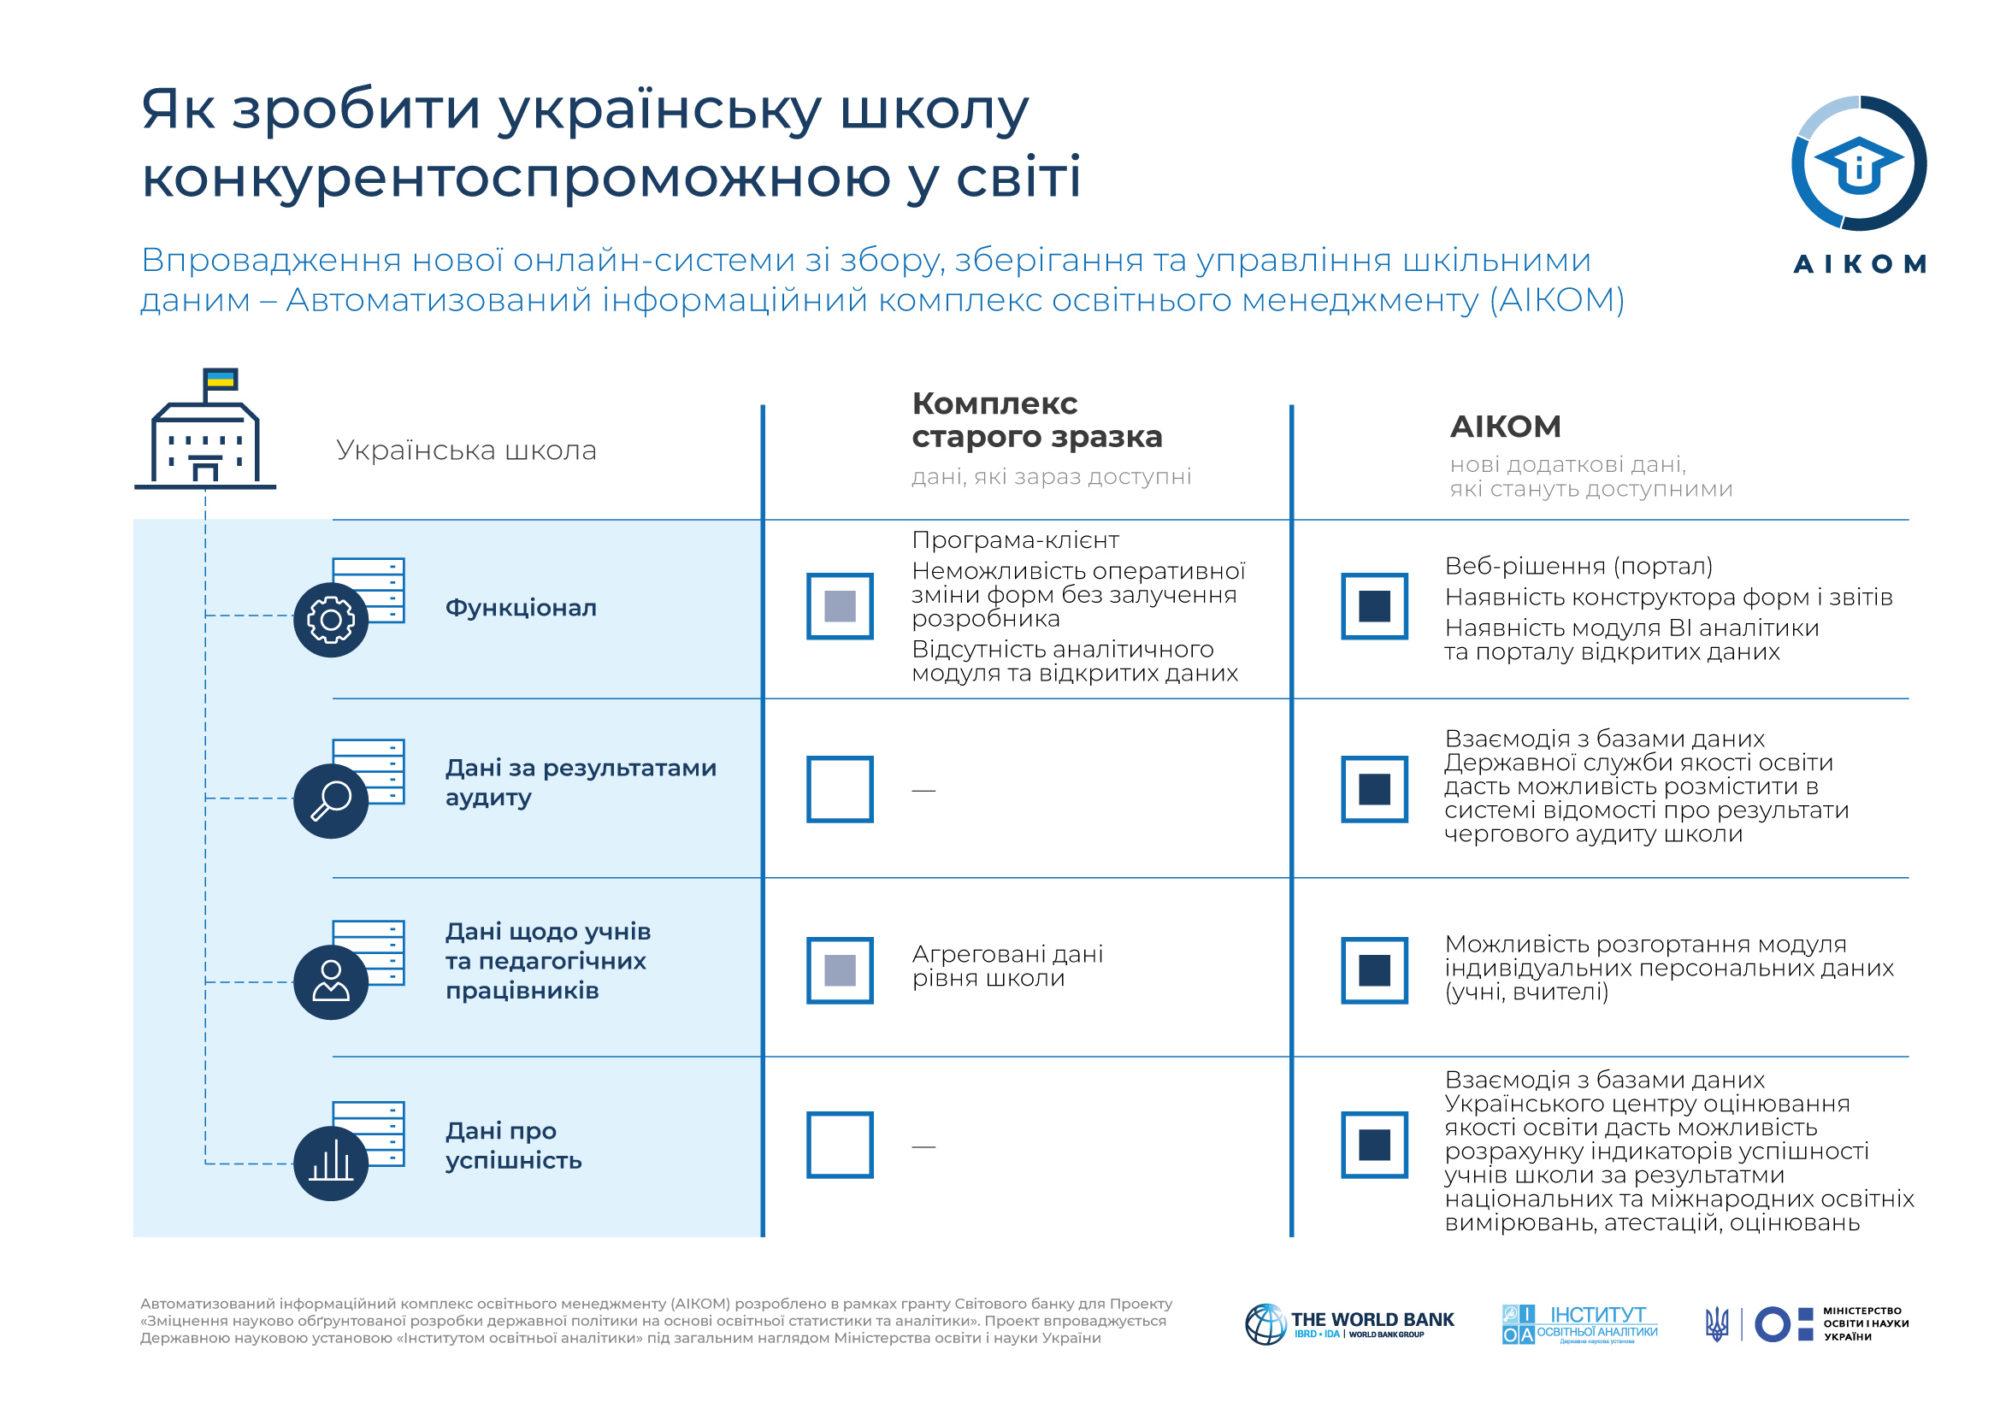 Infografika-1-2000x1414 Освітні інформаційні технології  як інструмент підвищення конкурентоспроможності української школи